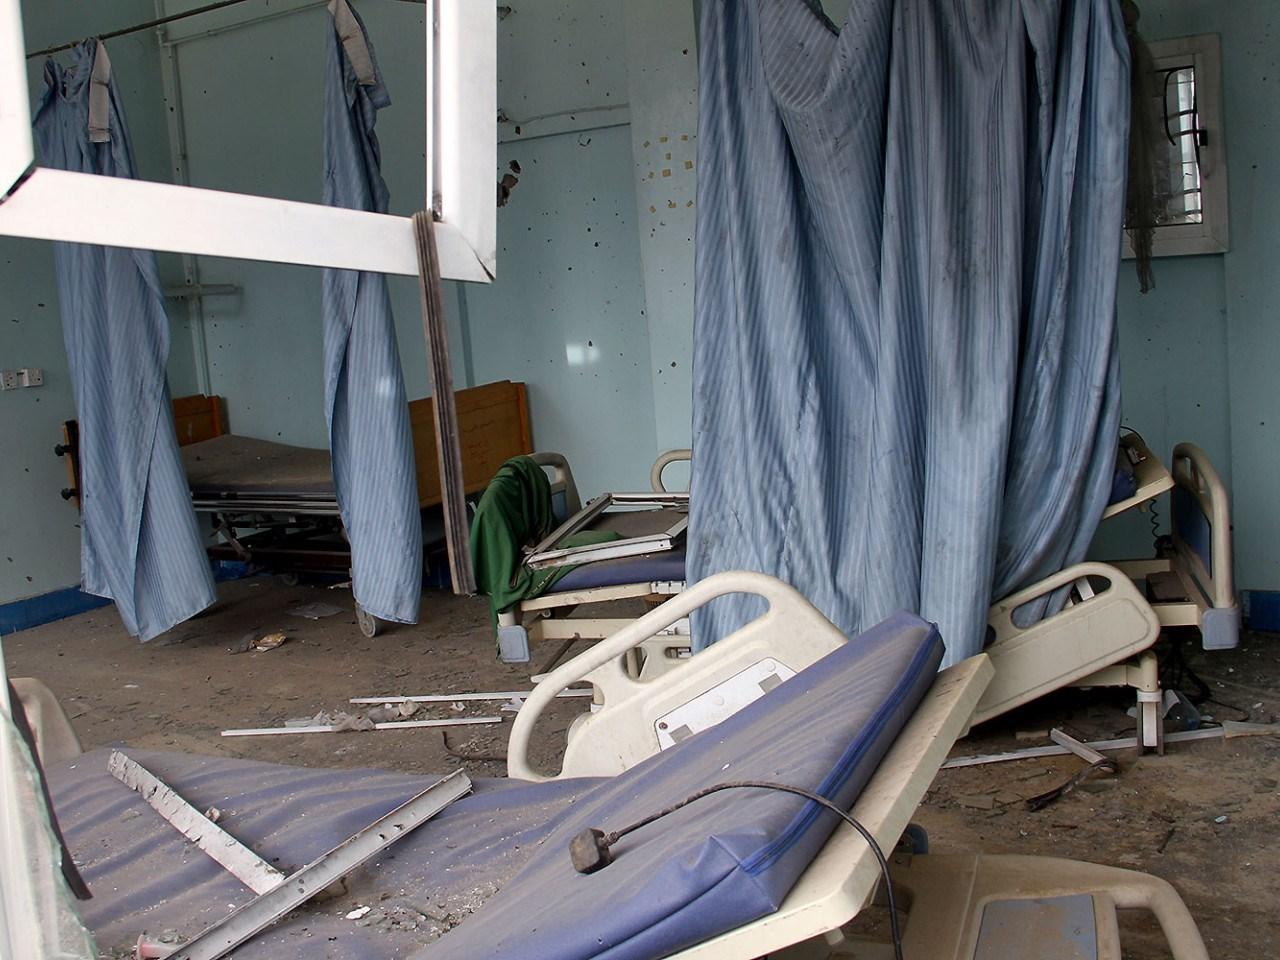 نصف المنشآت الصحية قد تضررت إما جزئياً أو دمرت بالكامل بسبب الحرب على اليمن